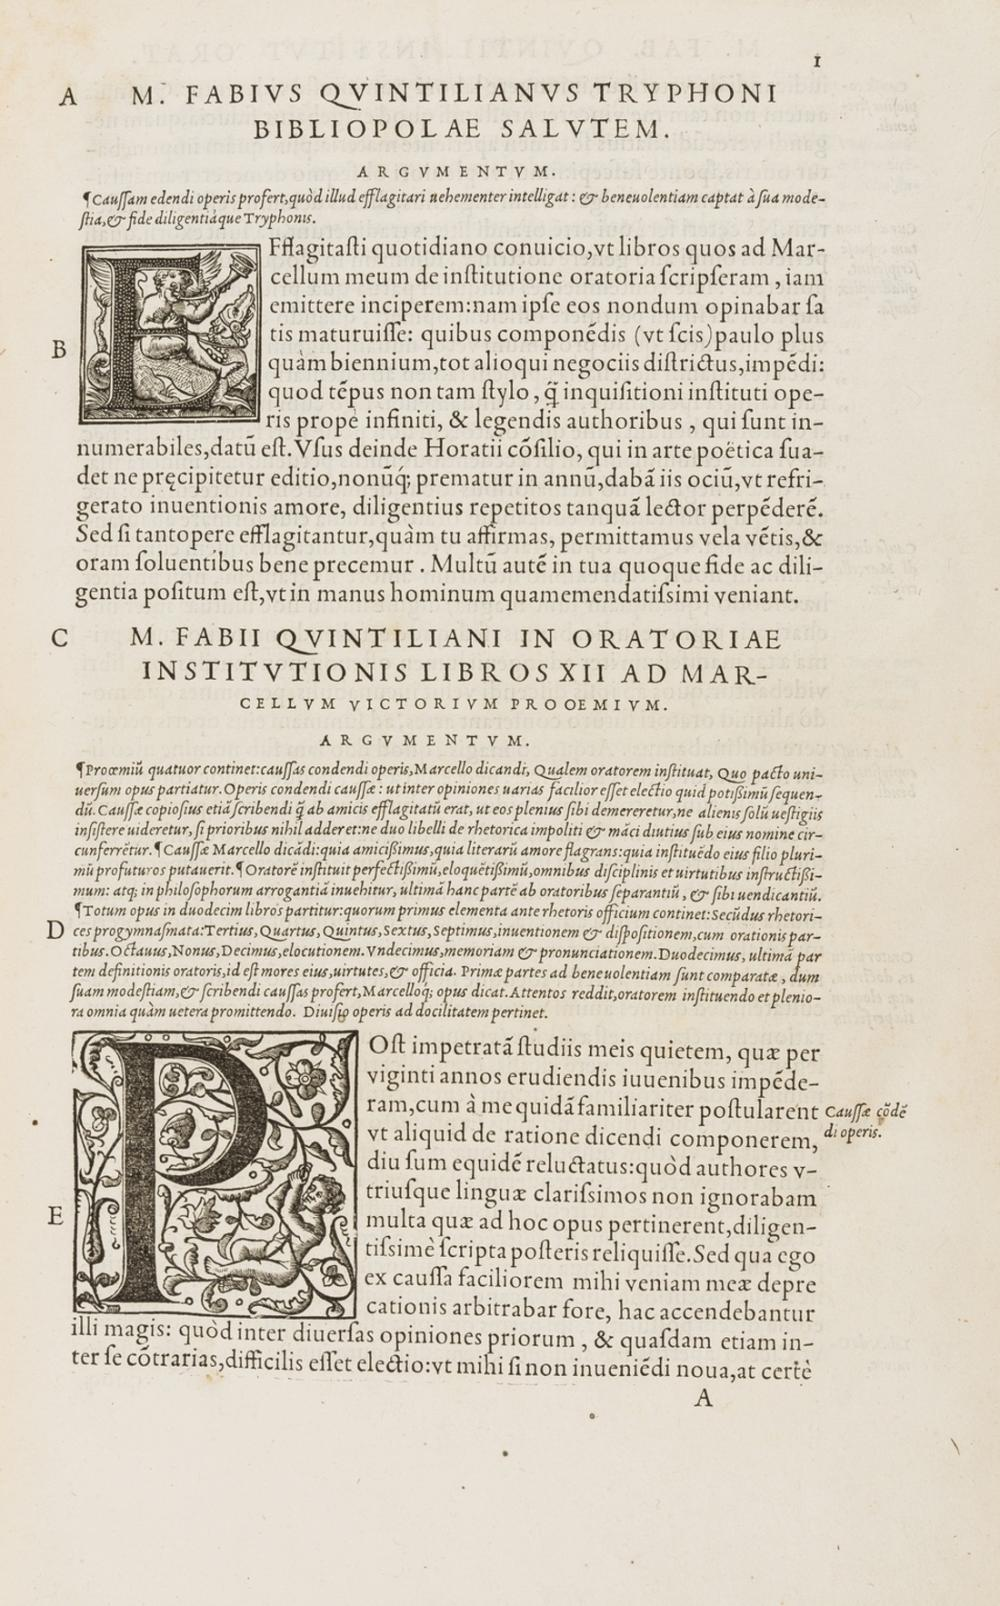 Quintilianus (Marcus Fabius) Oratoris eloquentissimi, de Institutione Oratoria Libri XII, Paris, House of Vascosanus, 1549.